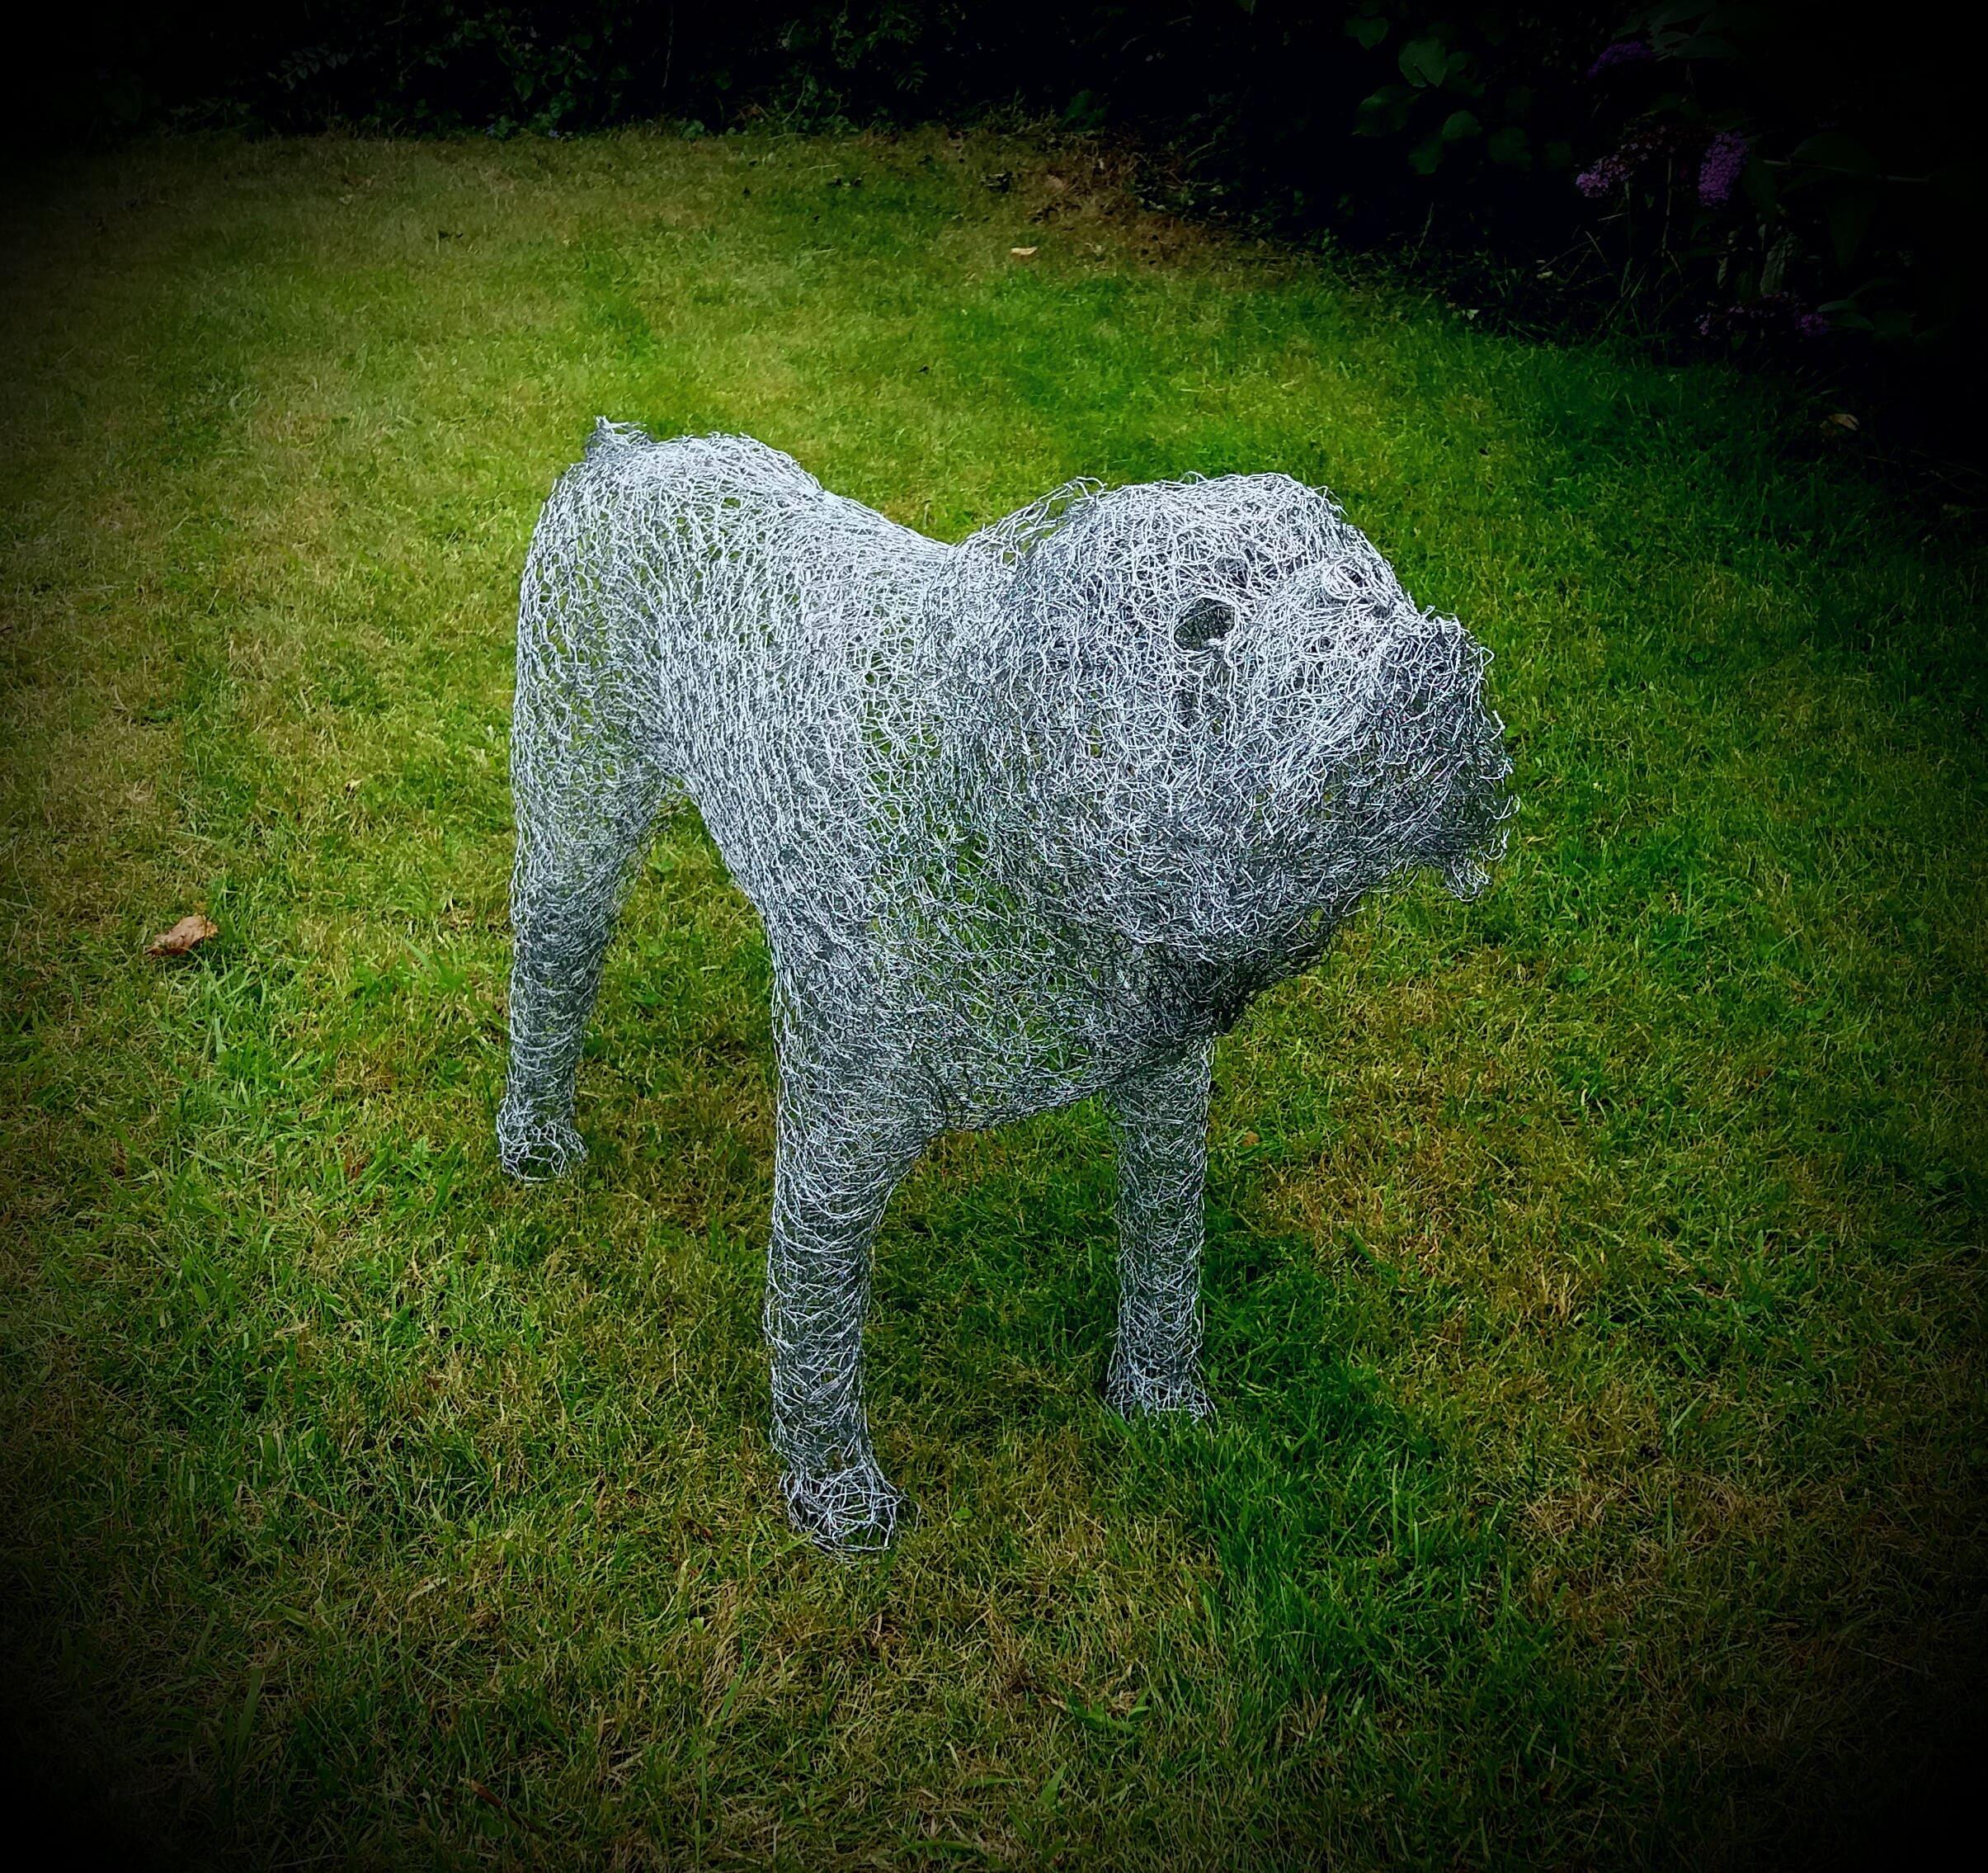 sculpture en grillage poule bulldog anglais la main etsy. Black Bedroom Furniture Sets. Home Design Ideas